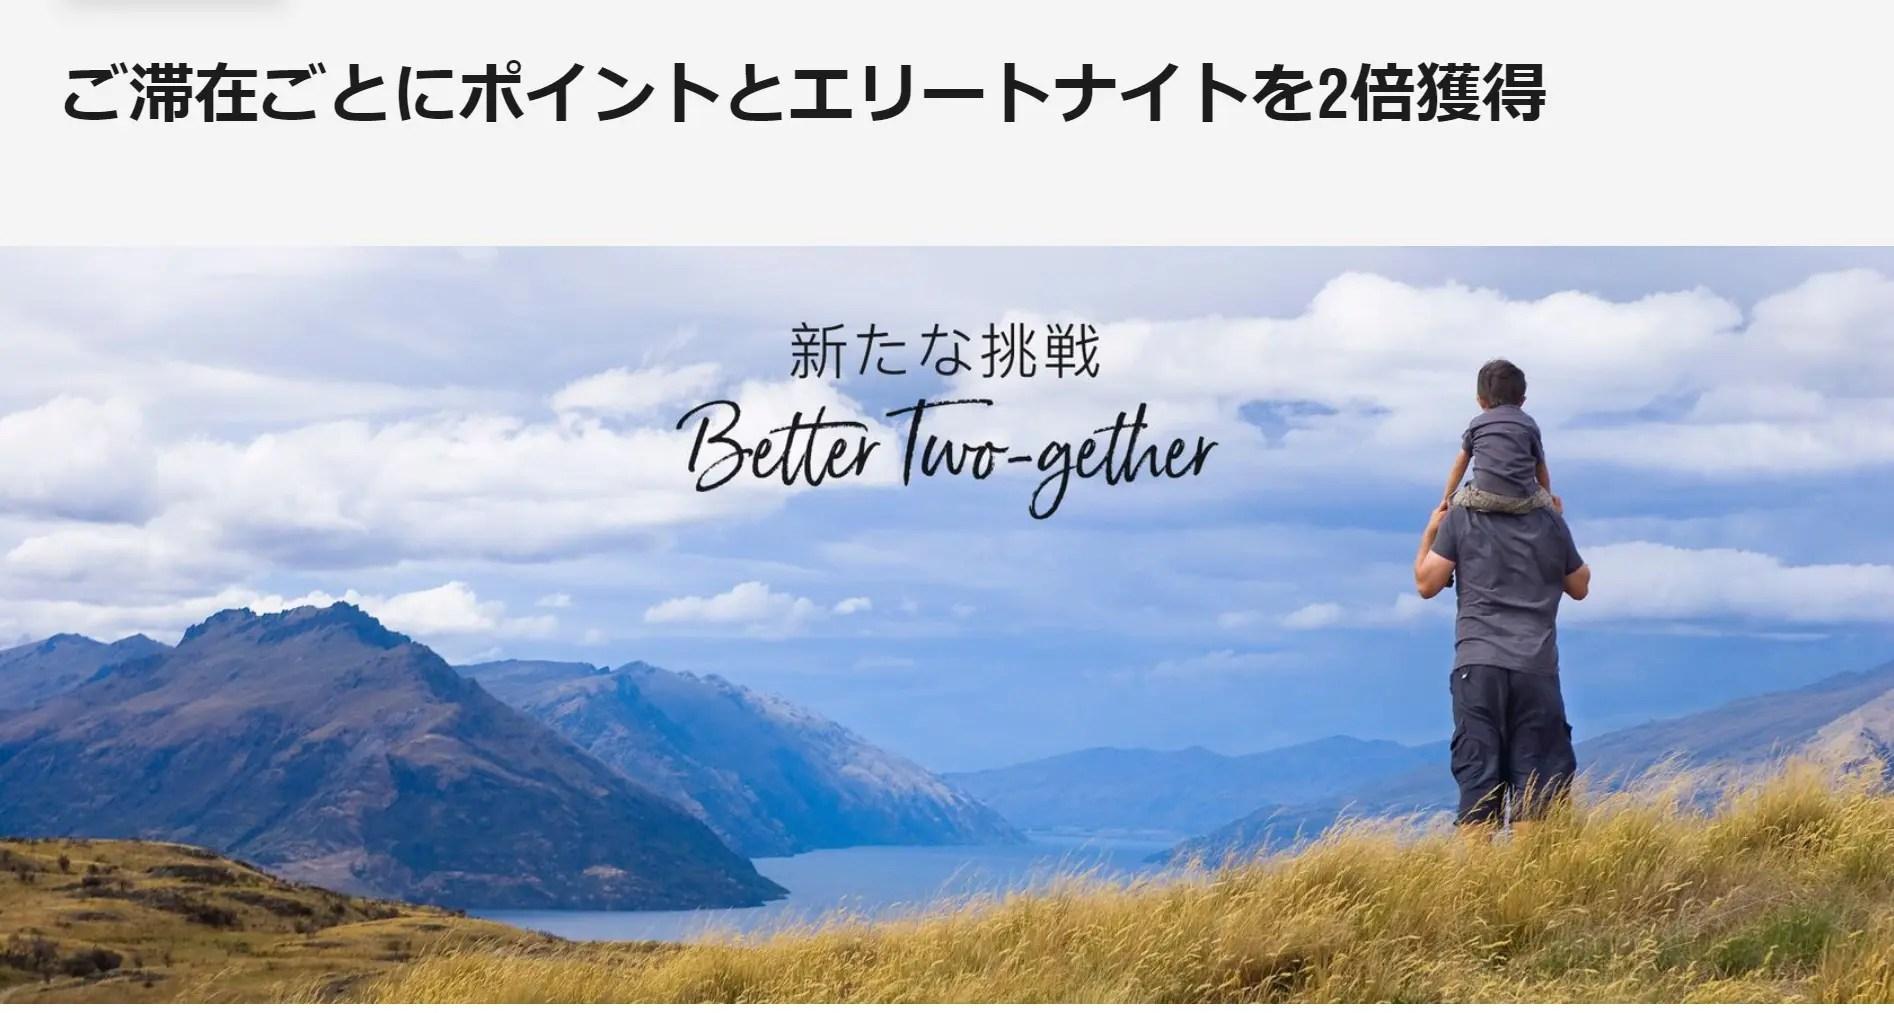 登録開始!「Better Two-gether」マリオットダブルポイント&宿泊実績ダブルカウントキャンペーン